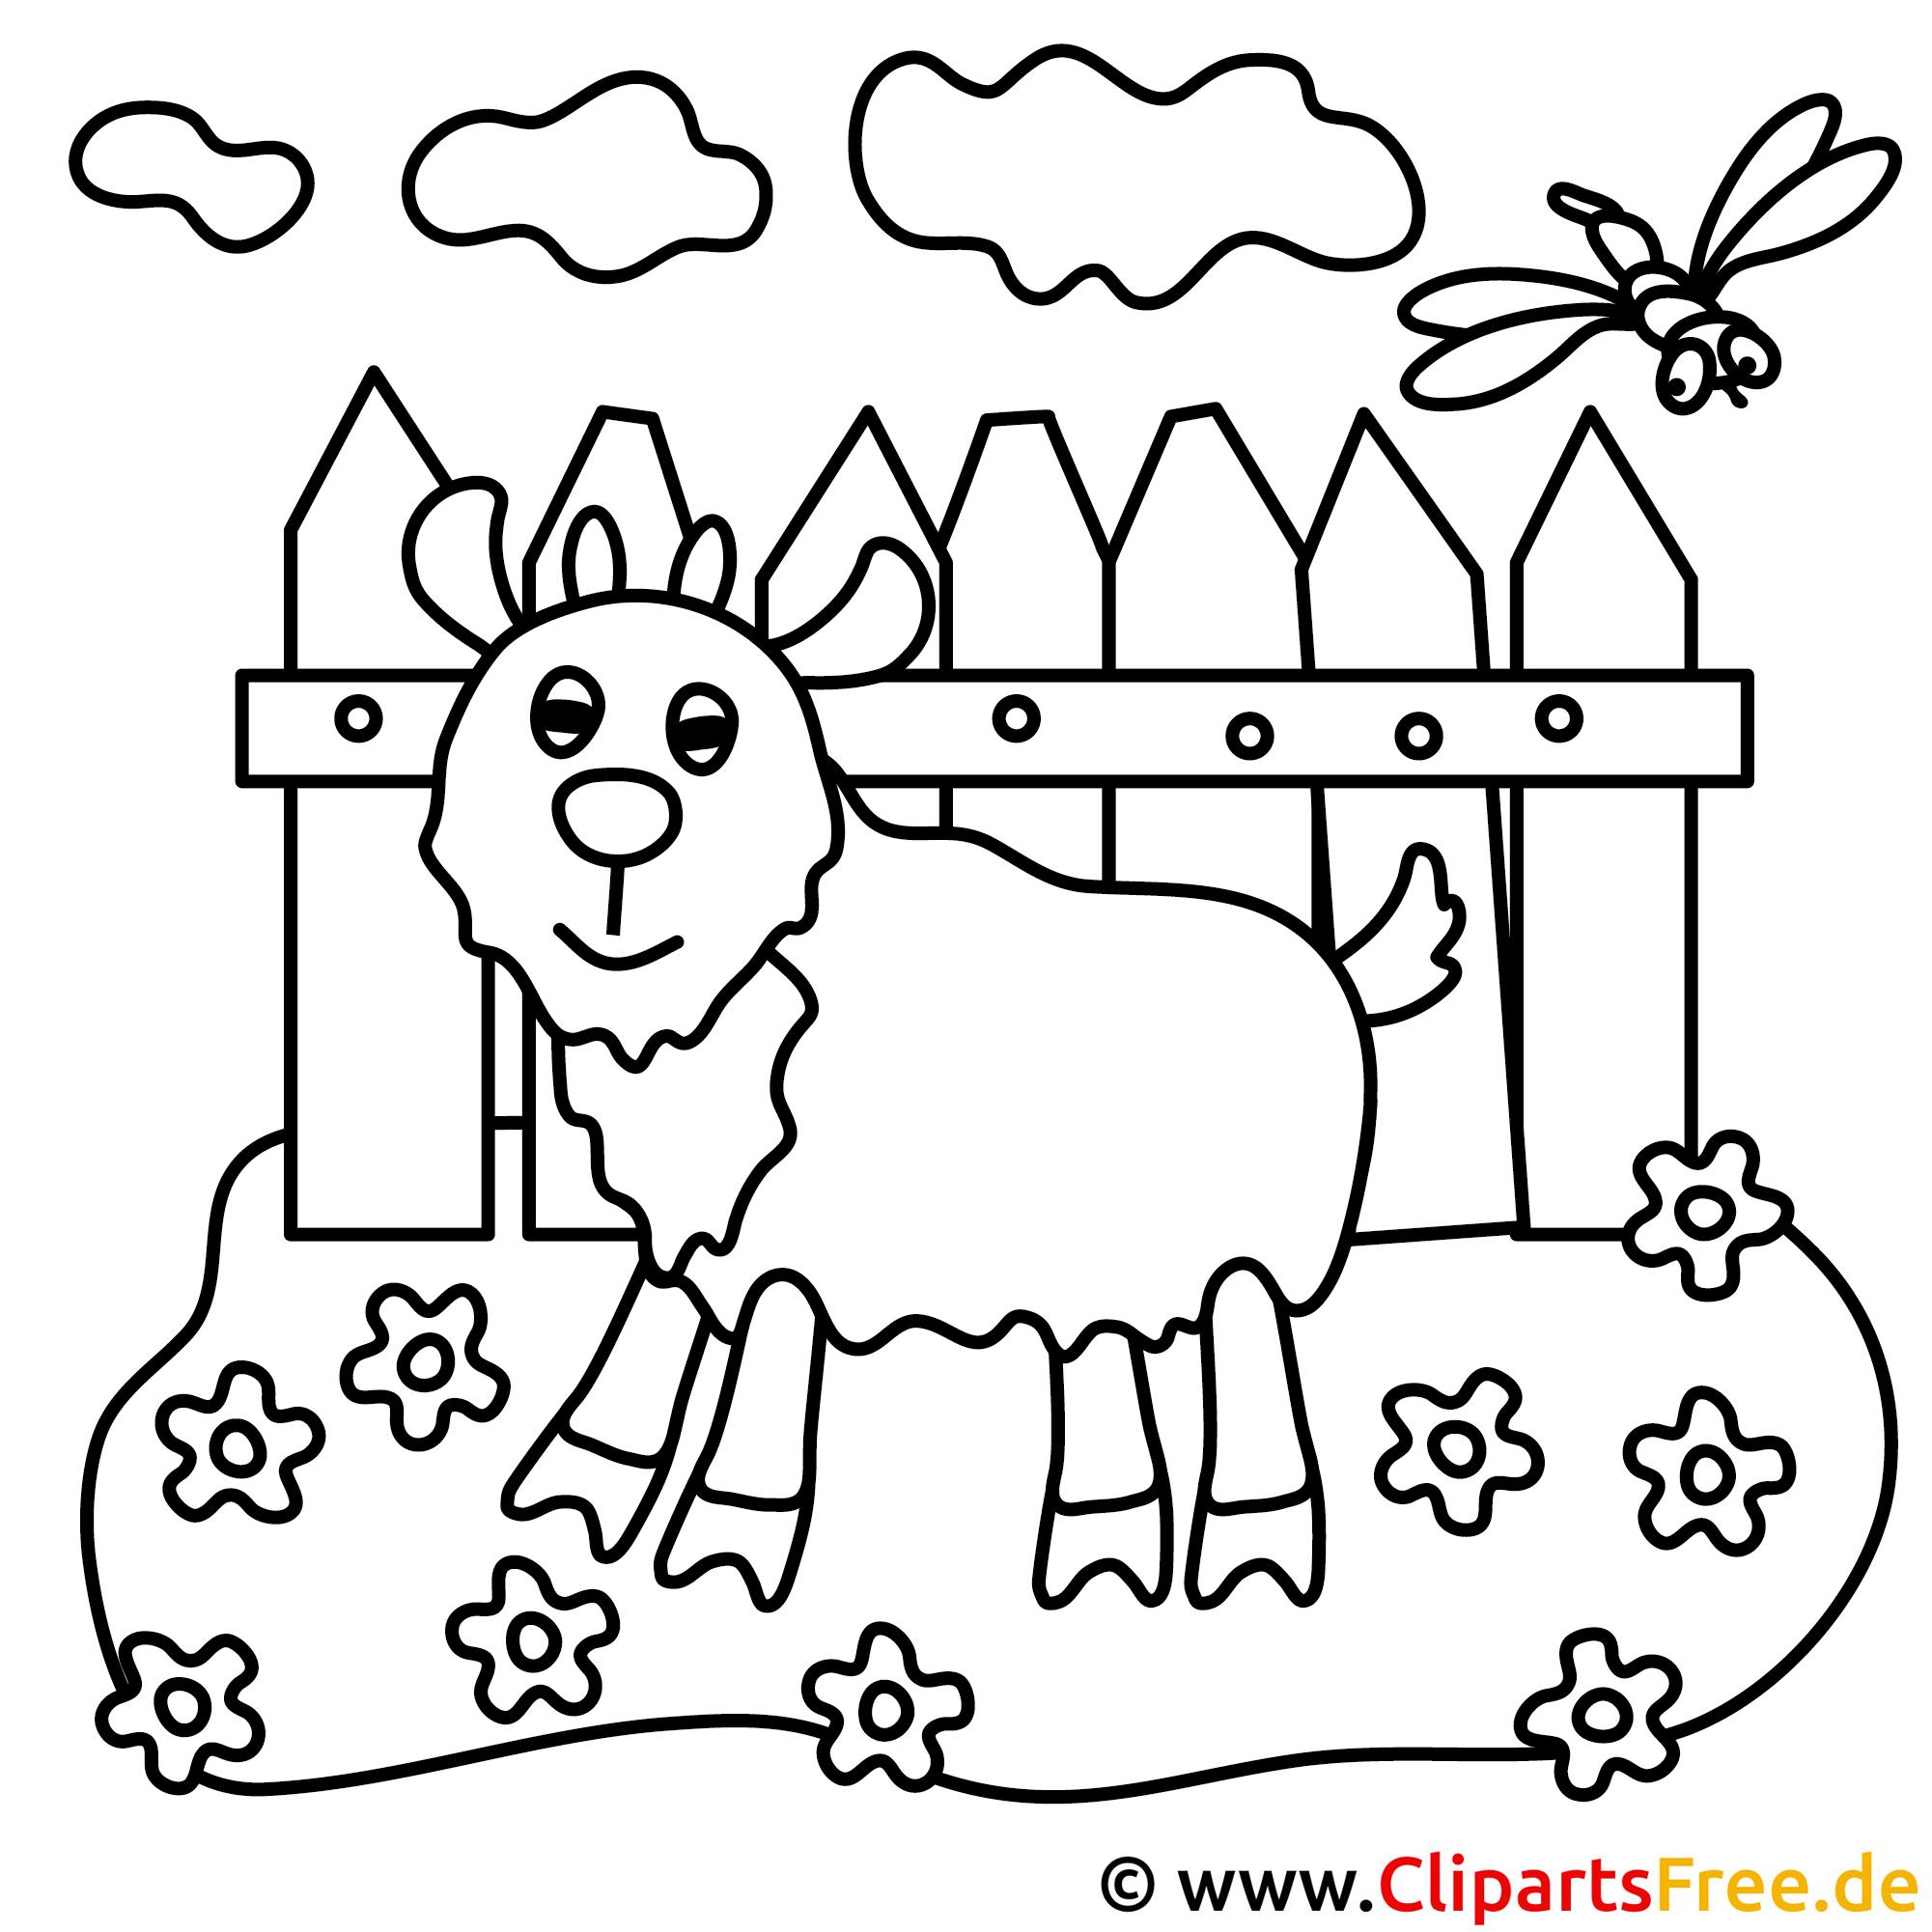 Vieh Bild zum Ausmalen, Malvorlage